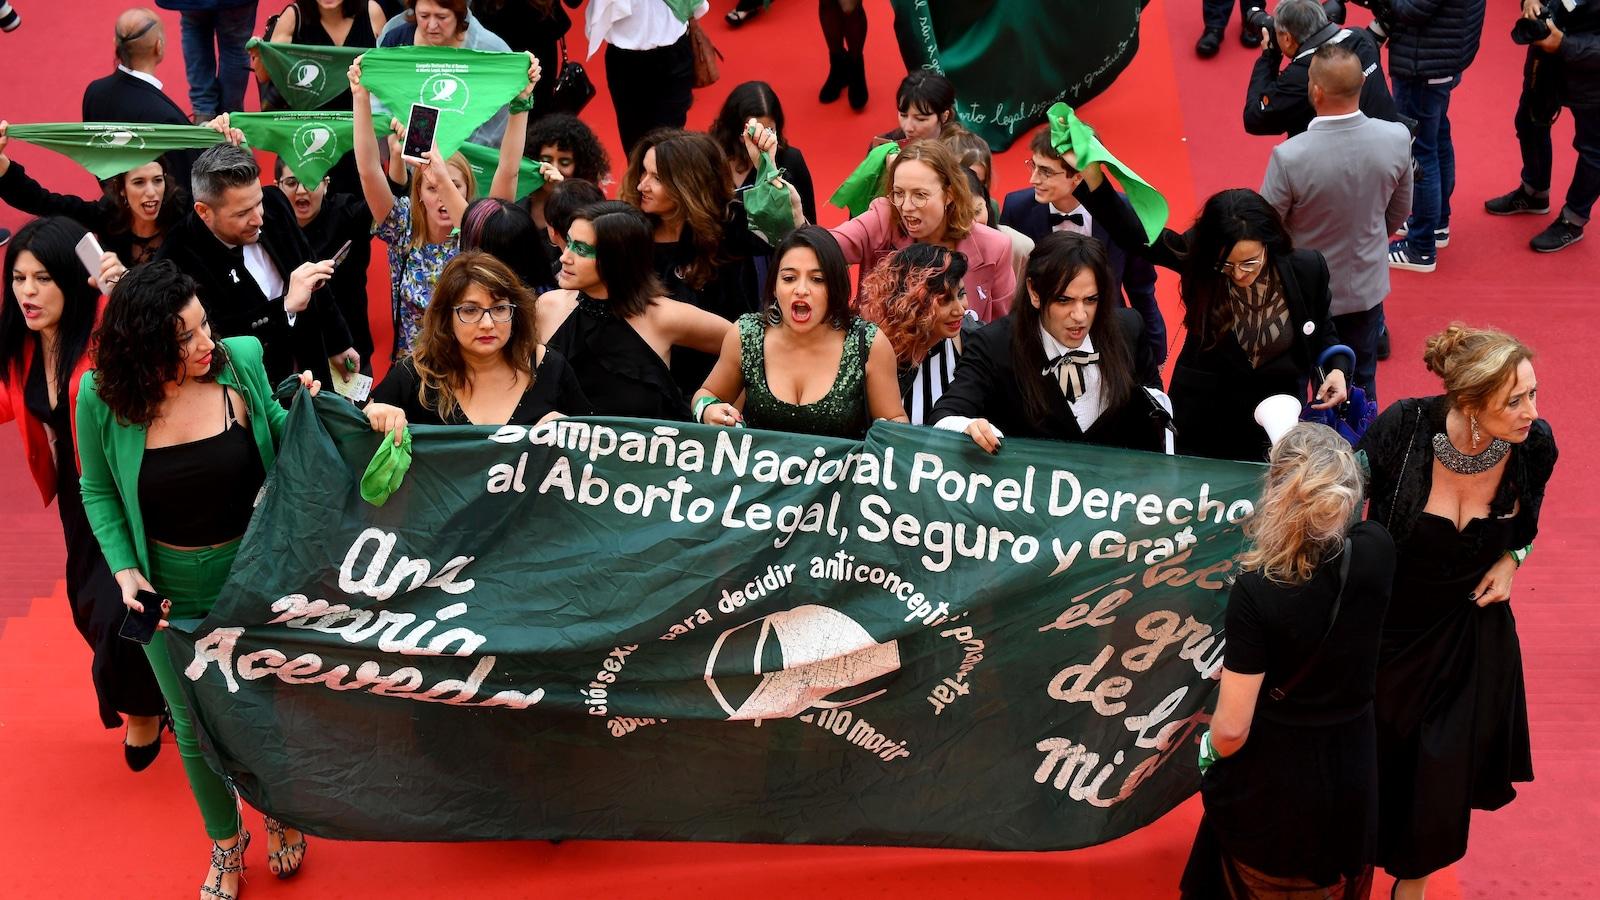 Une manifestation pour le droit à l'avortement — Festival de Cannes